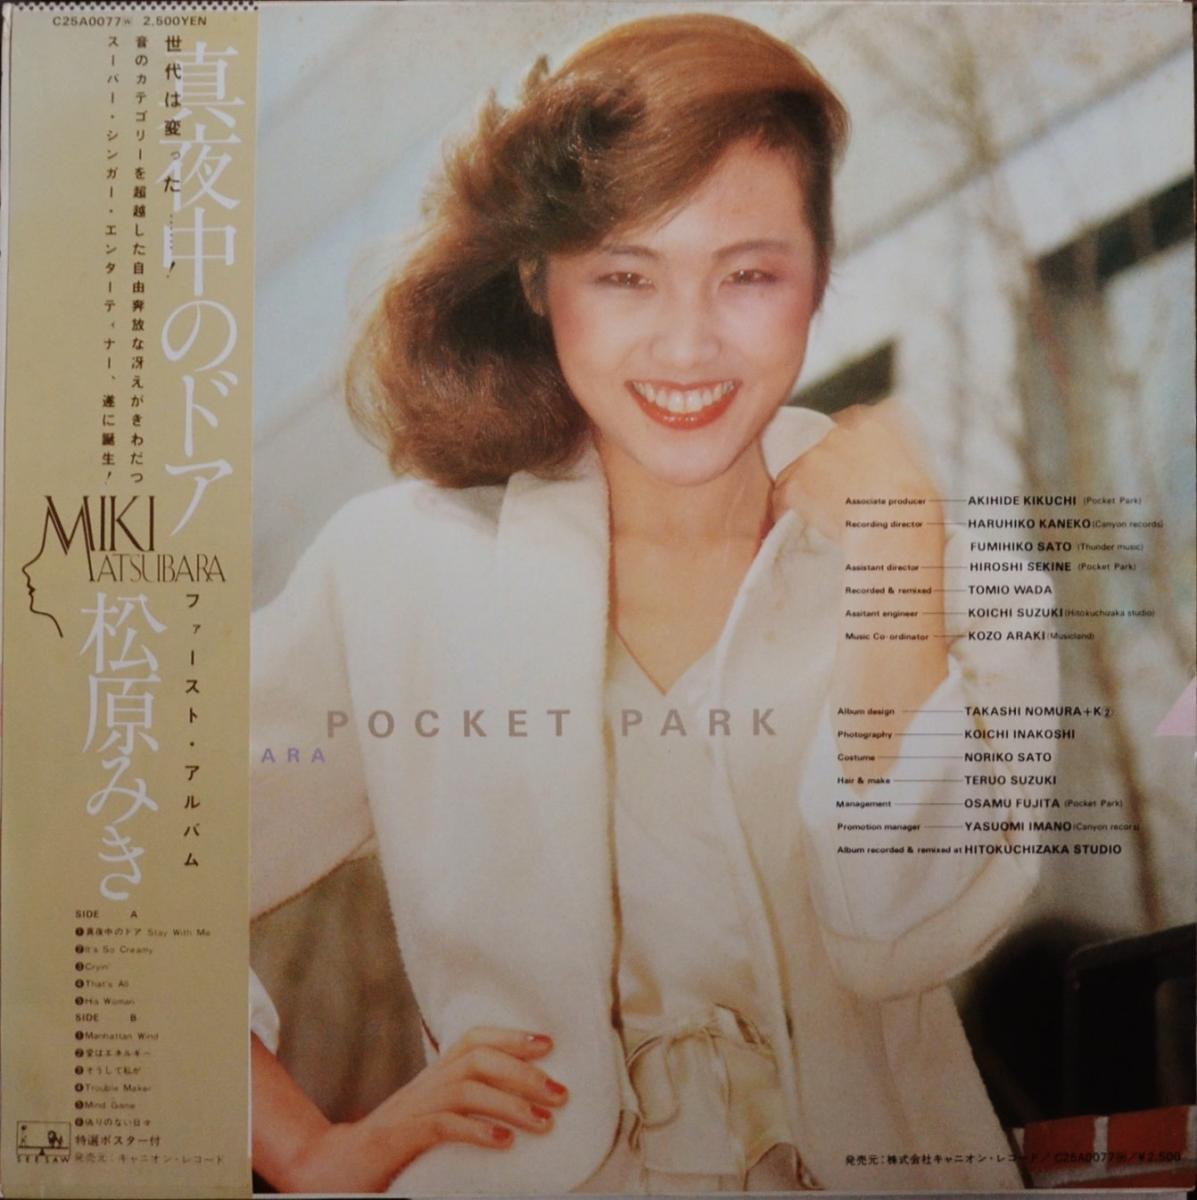 松原みき MIKI MATSUBARA / ポケットパーク POCKET PARK (LP)